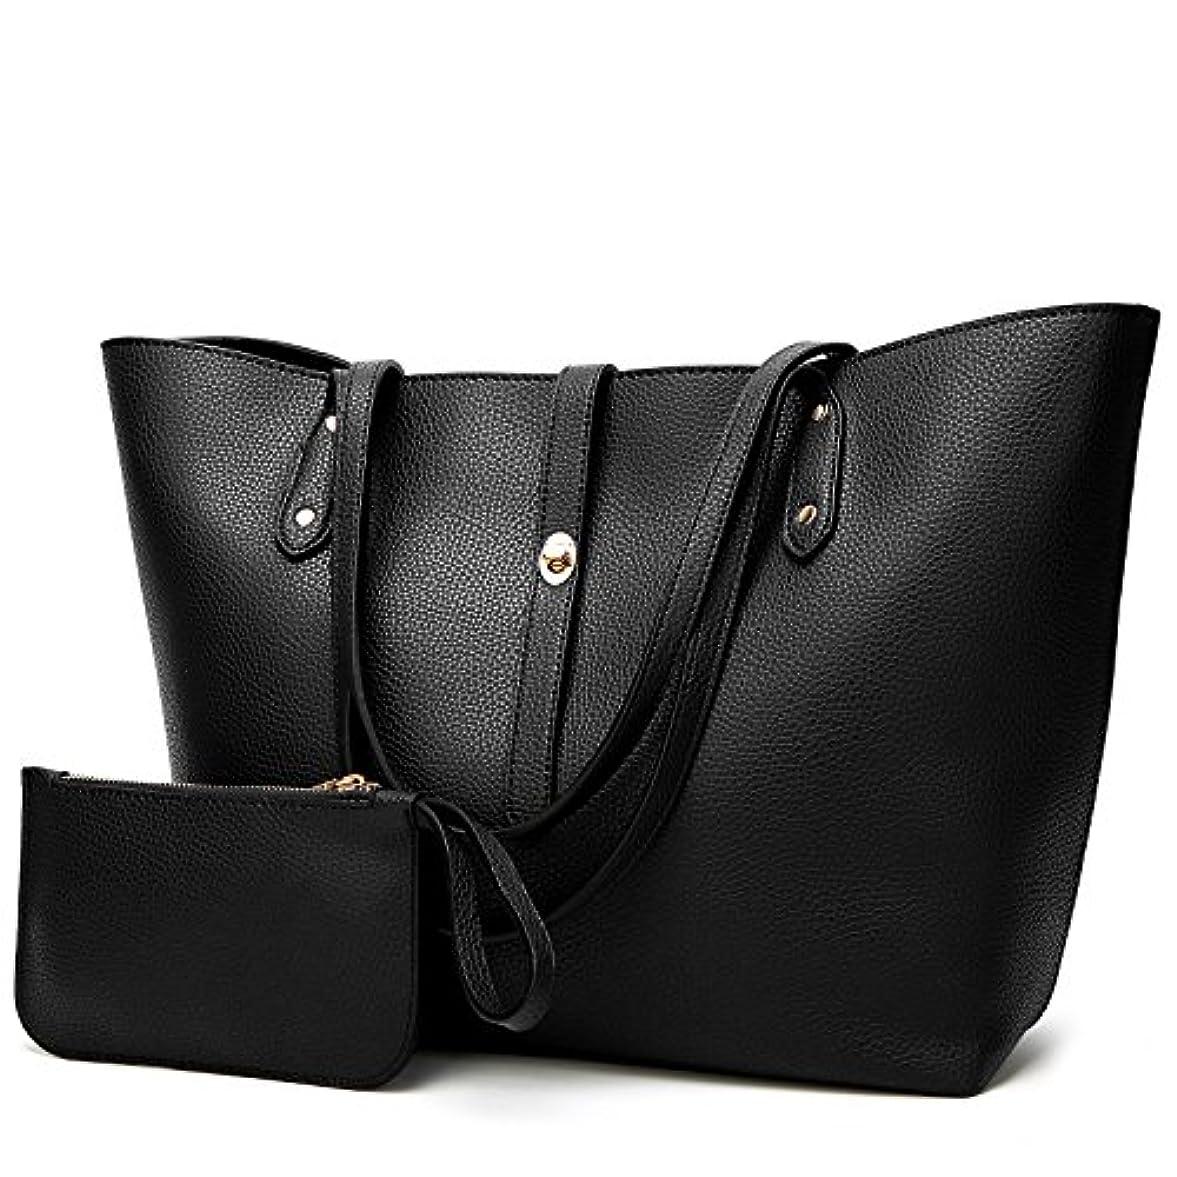 シャベル確実食い違い[TcIFE] ハンドバッグ レディース トートバッグ 大容量 無地 ショルダーバッグ 2way 財布とハンドバッグ